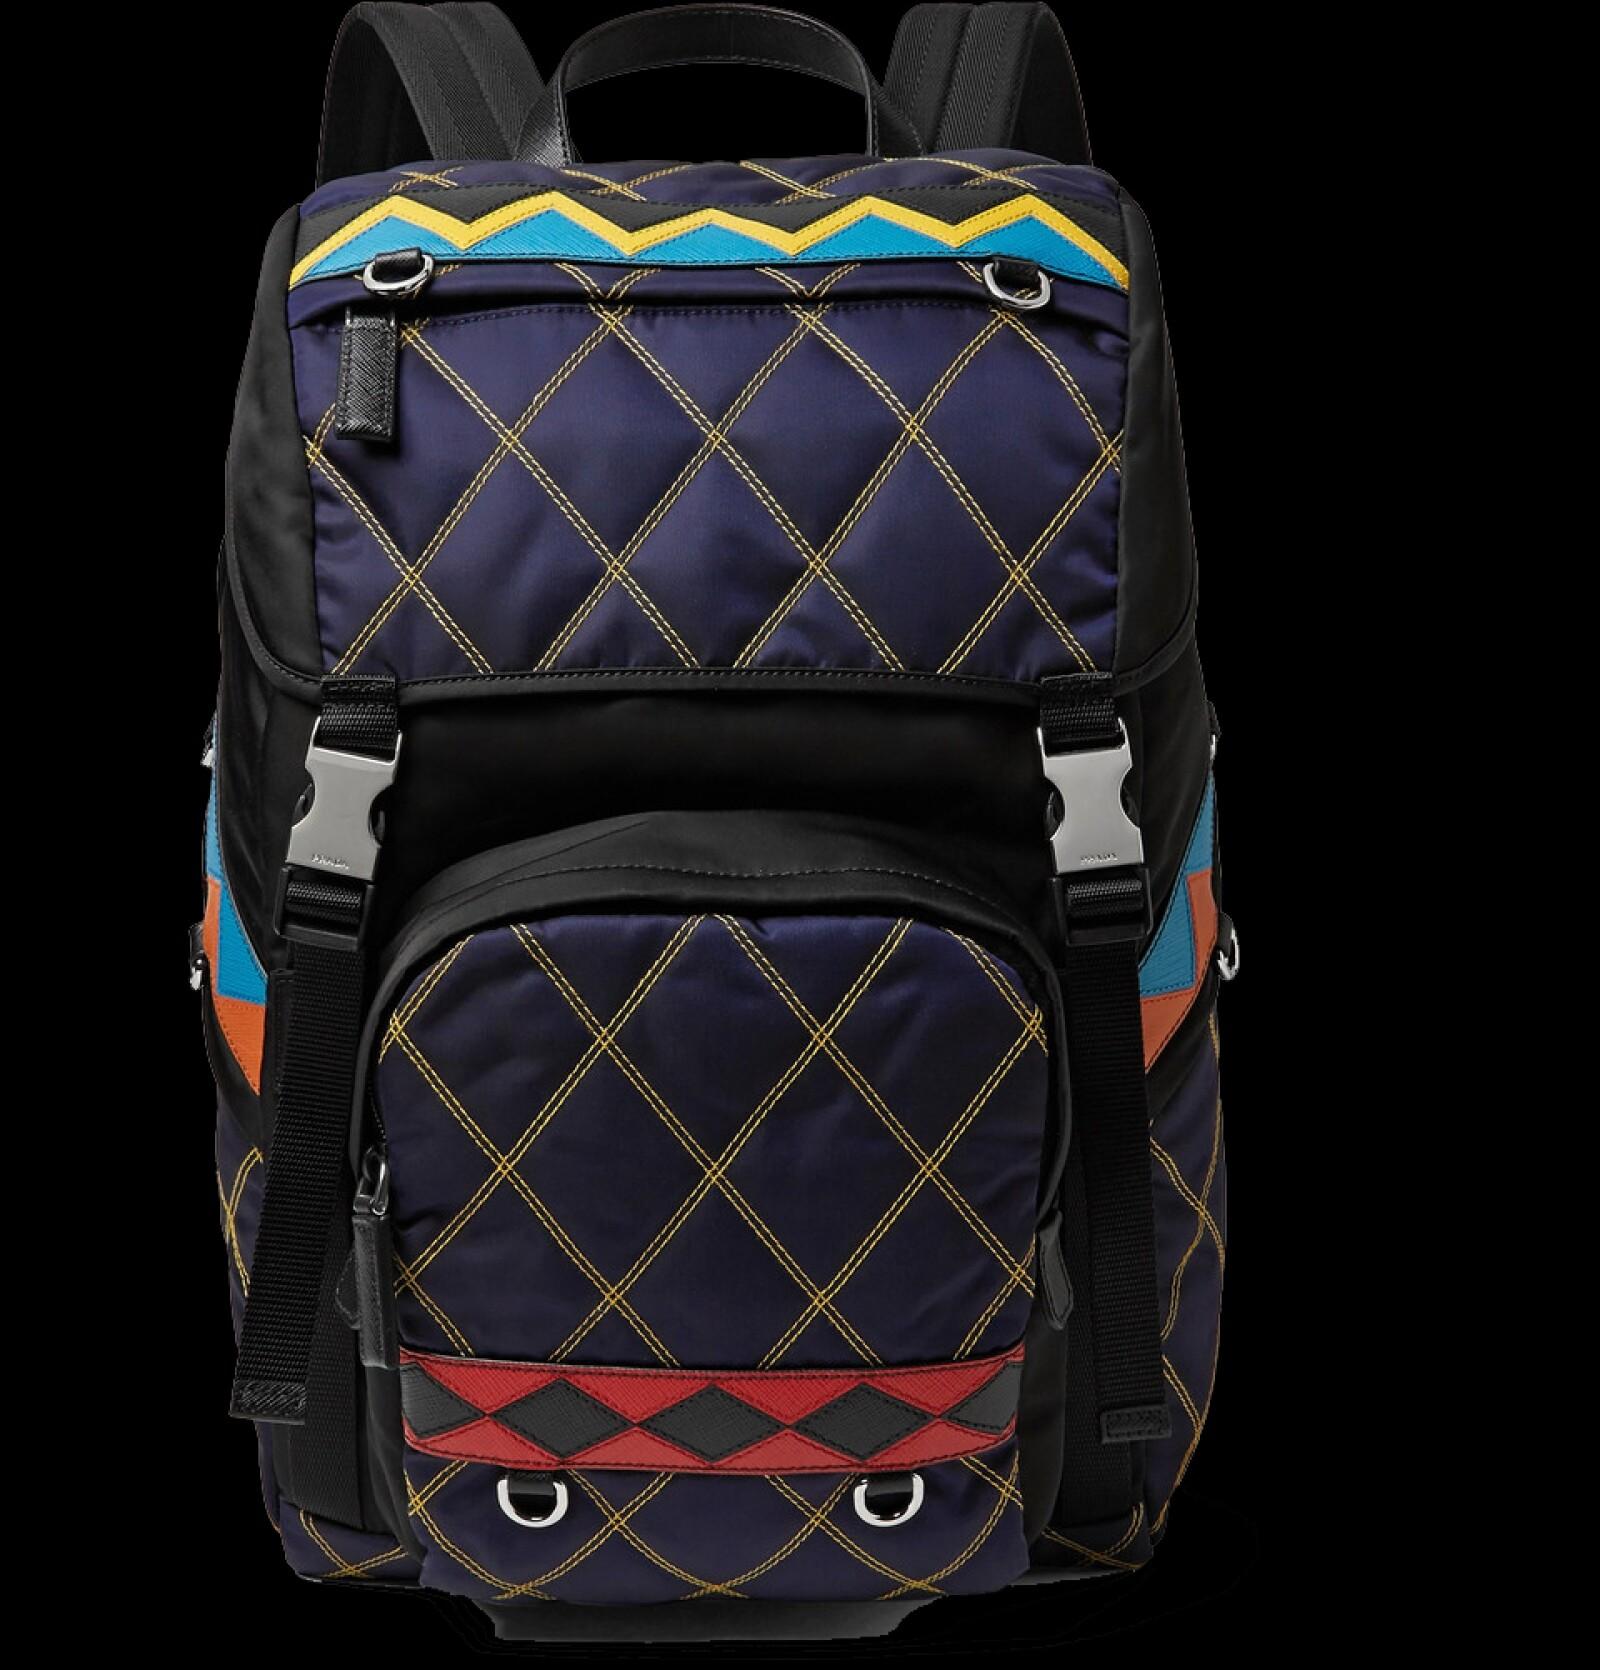 Revolución de backpacks